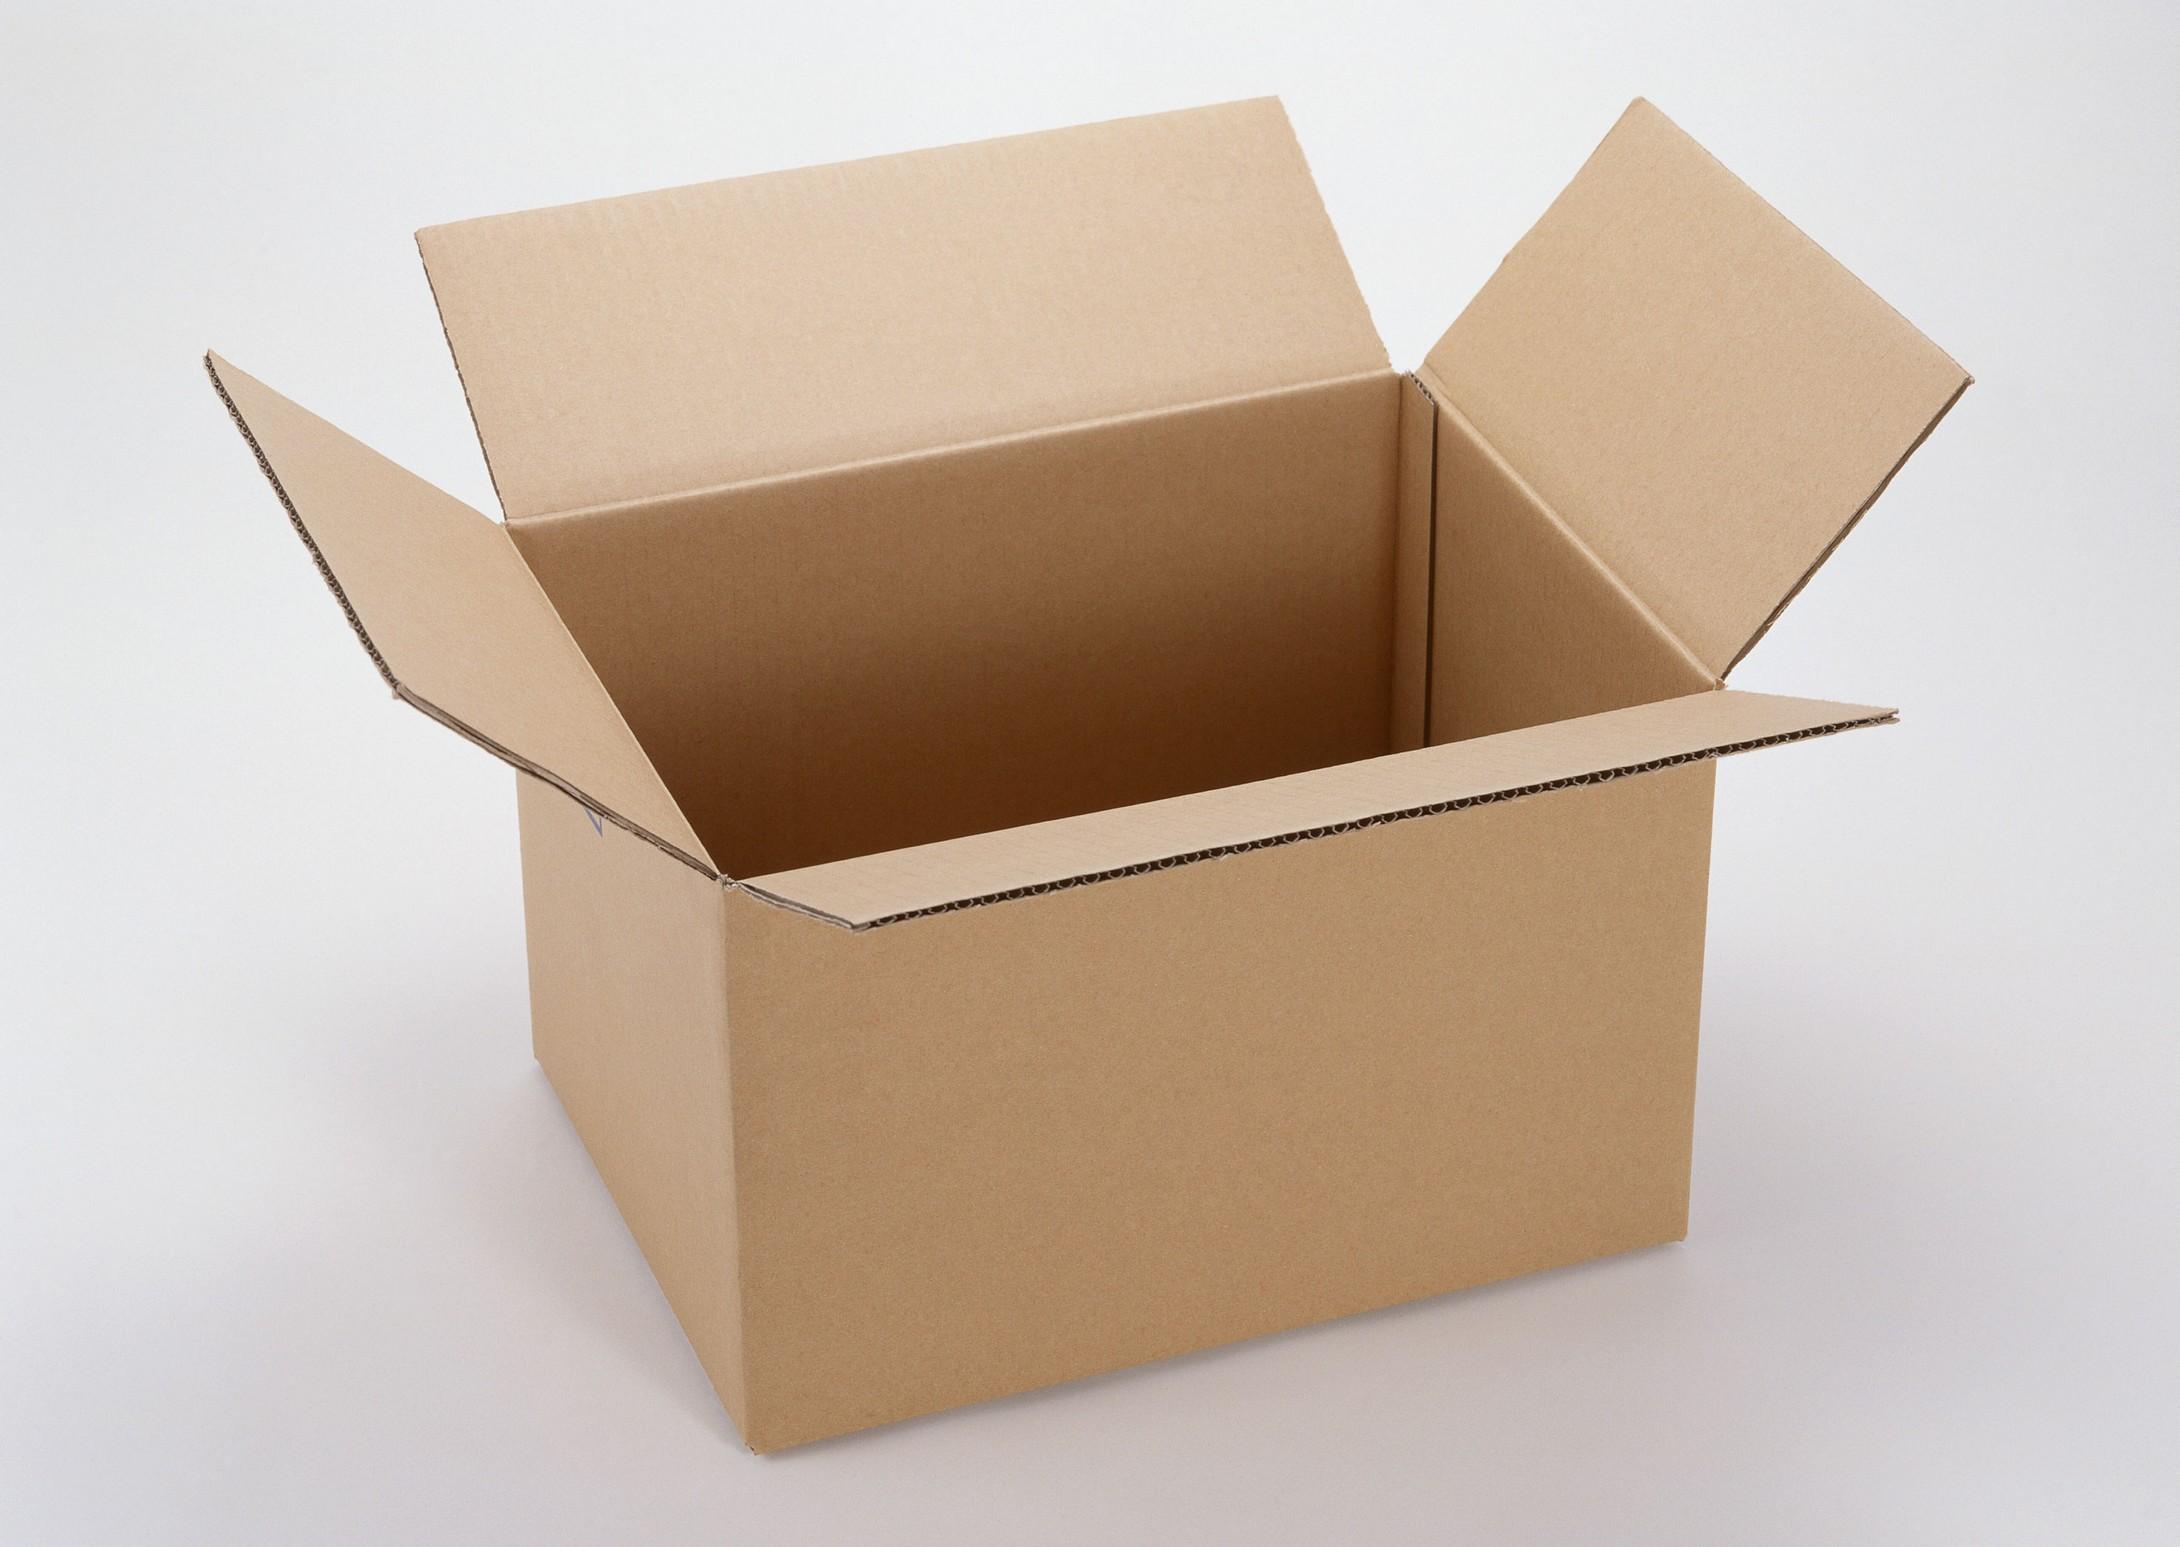 哈尔滨南岗区纸箱包装厂联系电话_2021年二季度铜版纸进出口分析